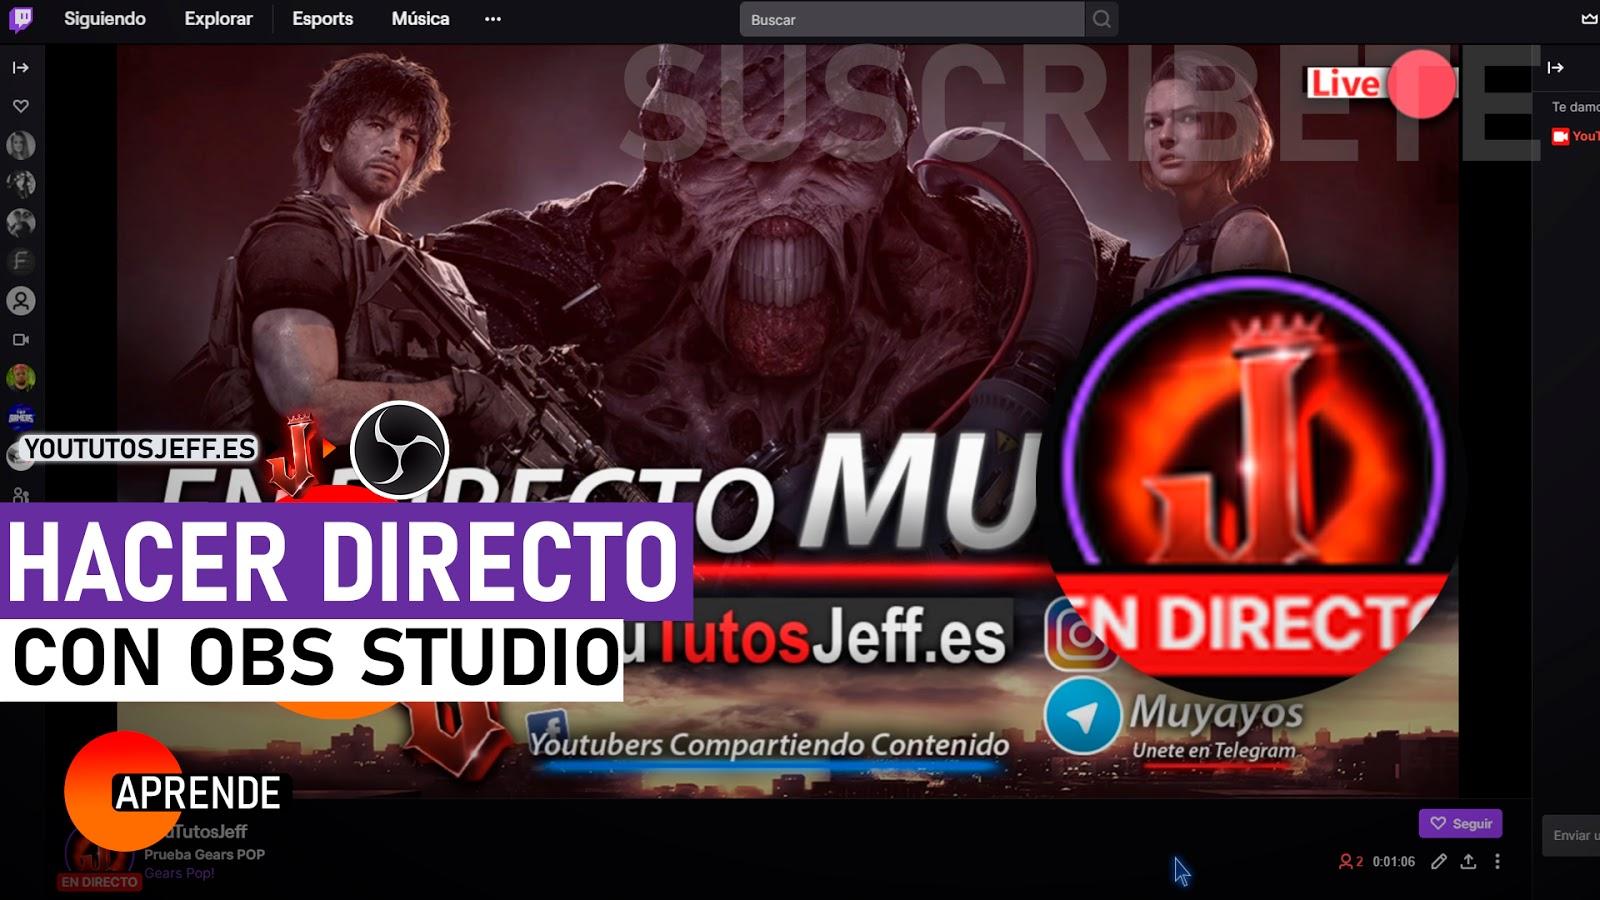 Como Hacer un Directo en Twitch con OBS Studio SIN LAG